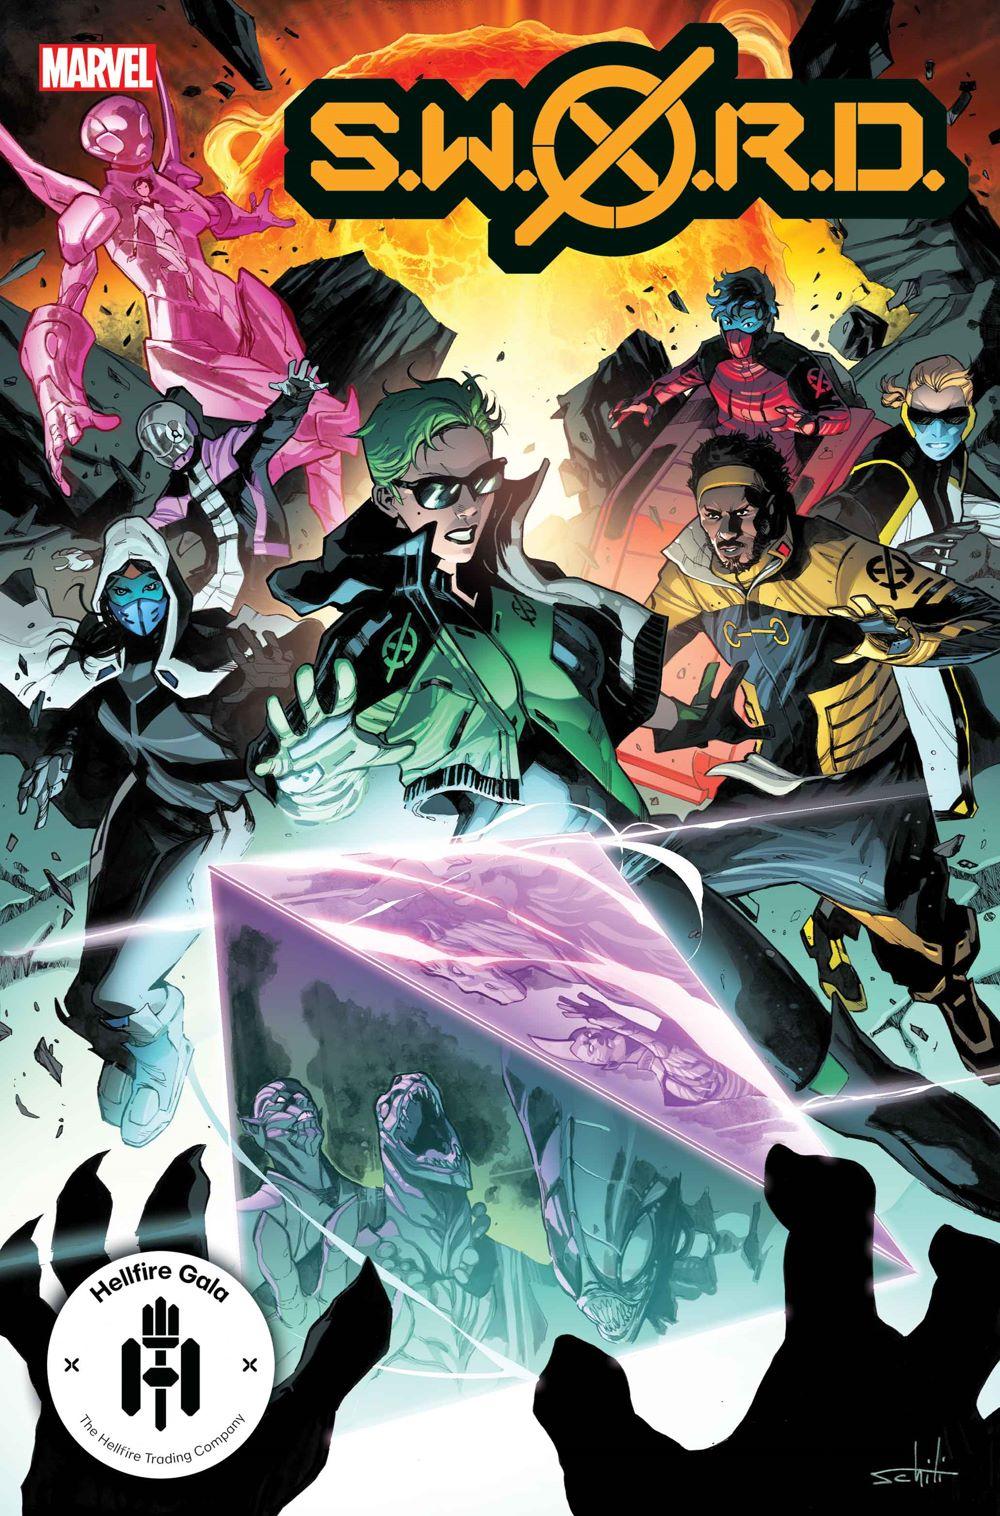 SWORD2020006_cov Marvel Comics June 2021 Solicitations